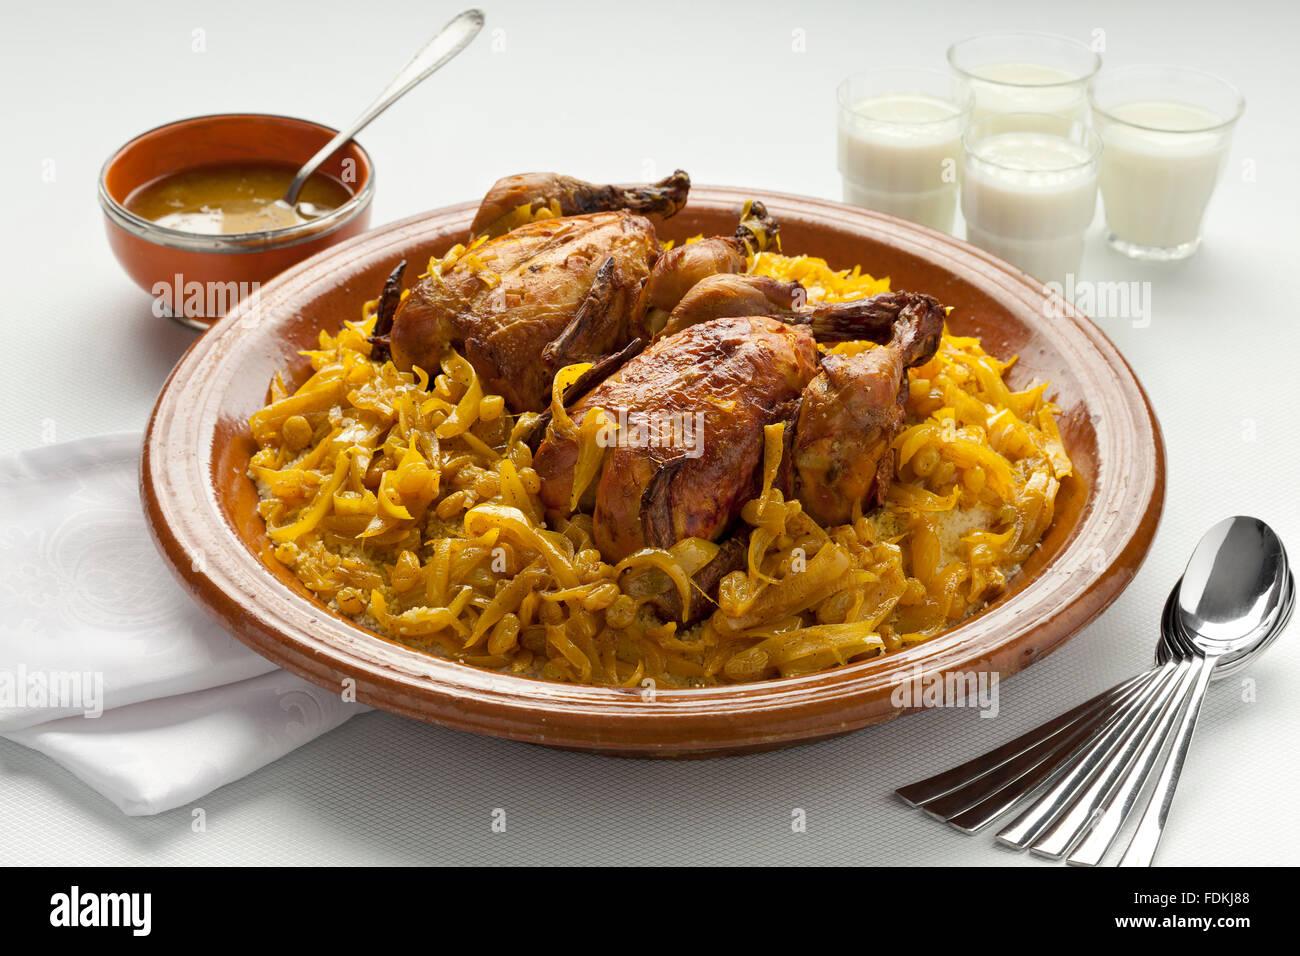 Cuscús Tfaya, cuscús marroquí con pollo y cebolla caramelizada, almendras Imagen De Stock